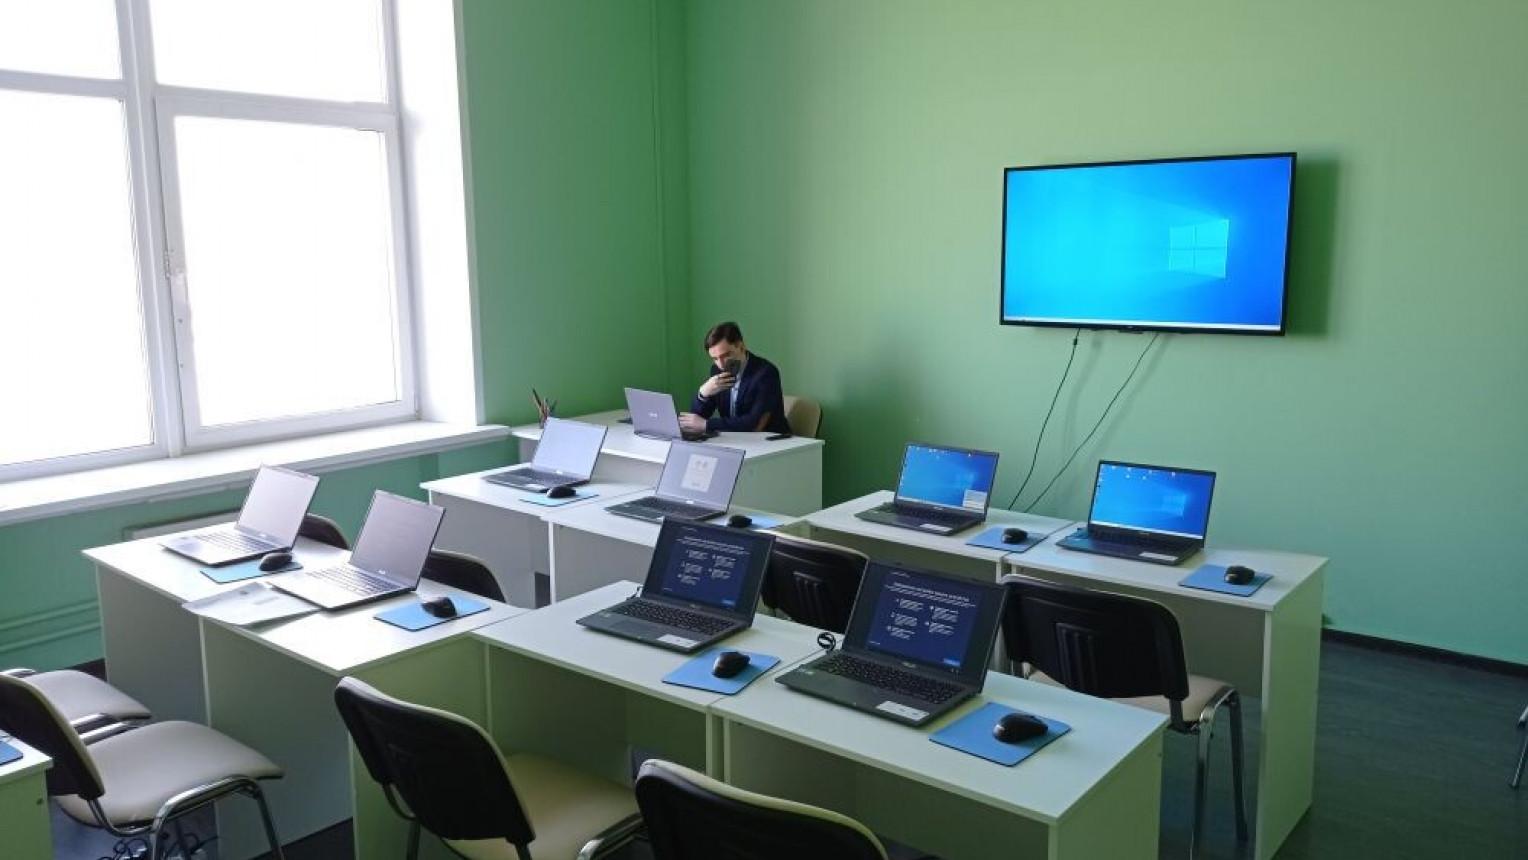 Аудитория с компьютерами